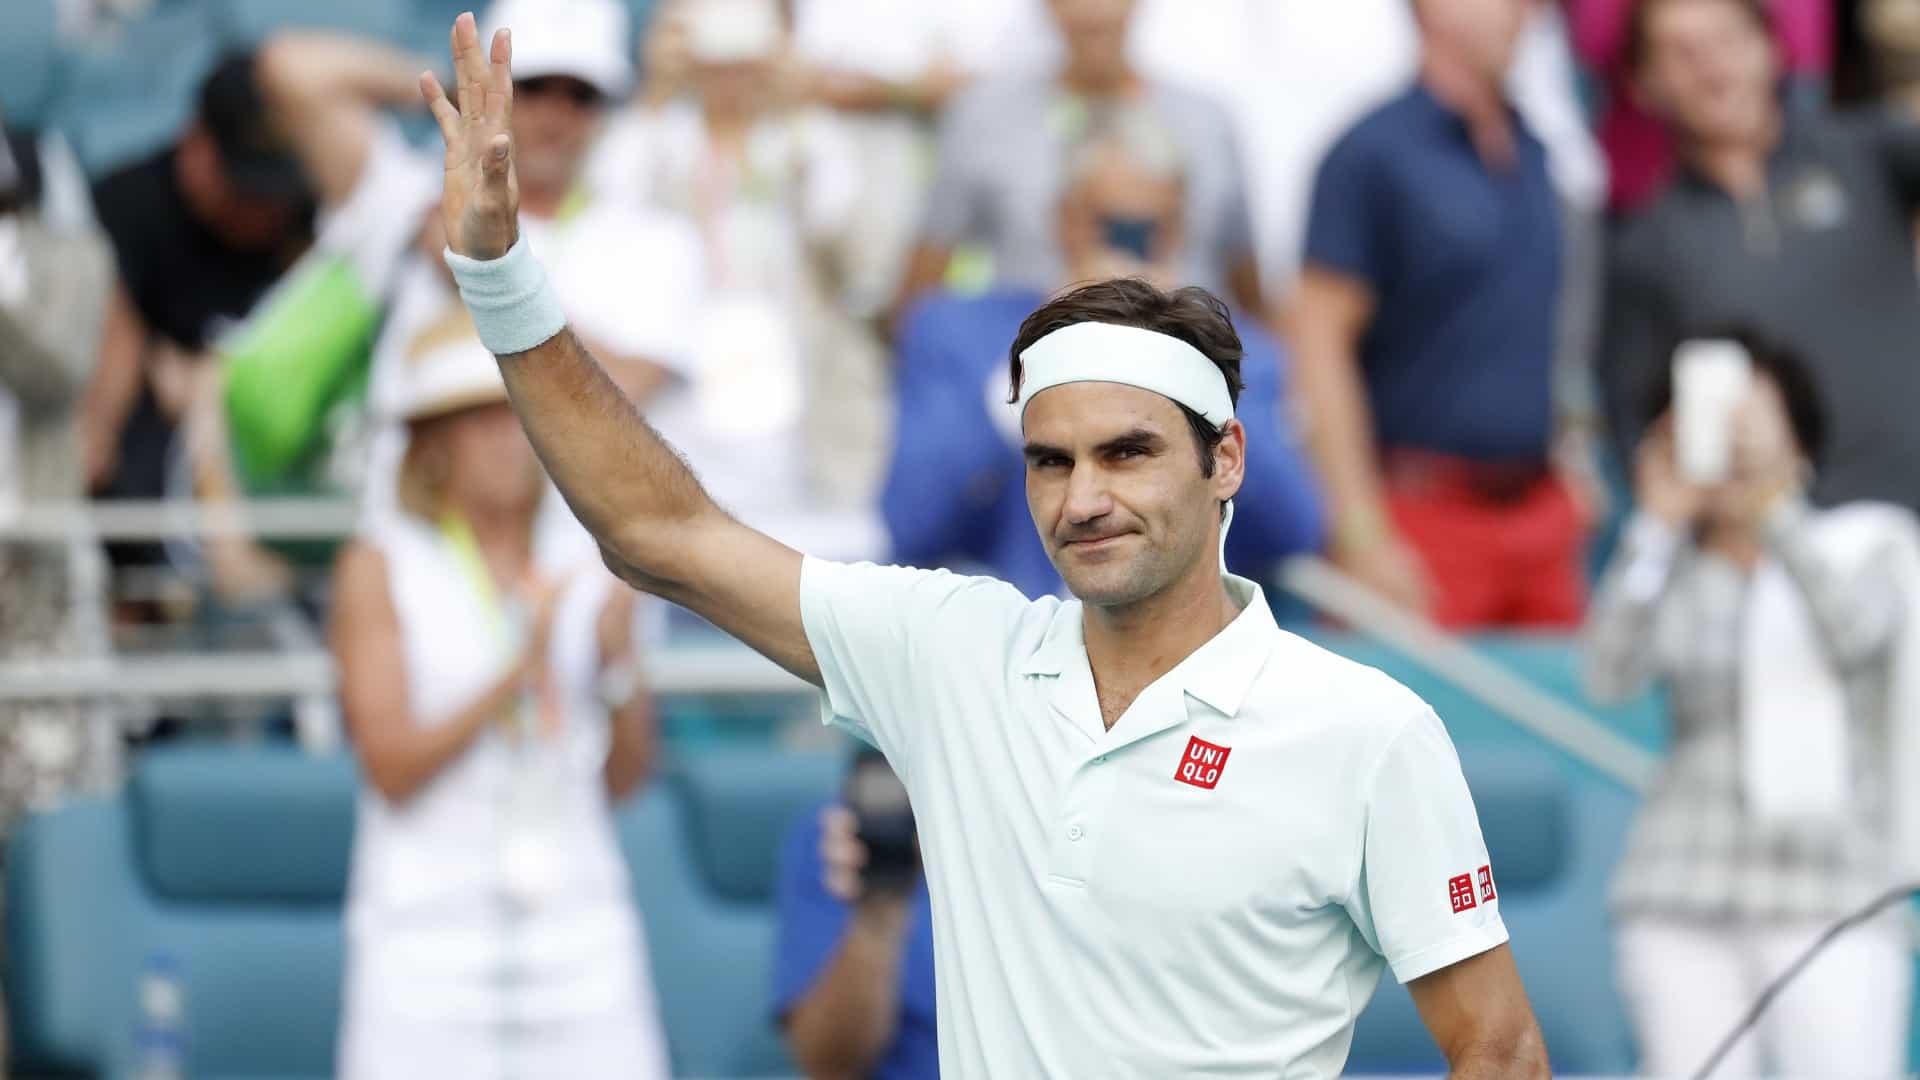 naom 5c9be0d10a592 - Federer sobe para o 4º lugar do ranking após título em Miami